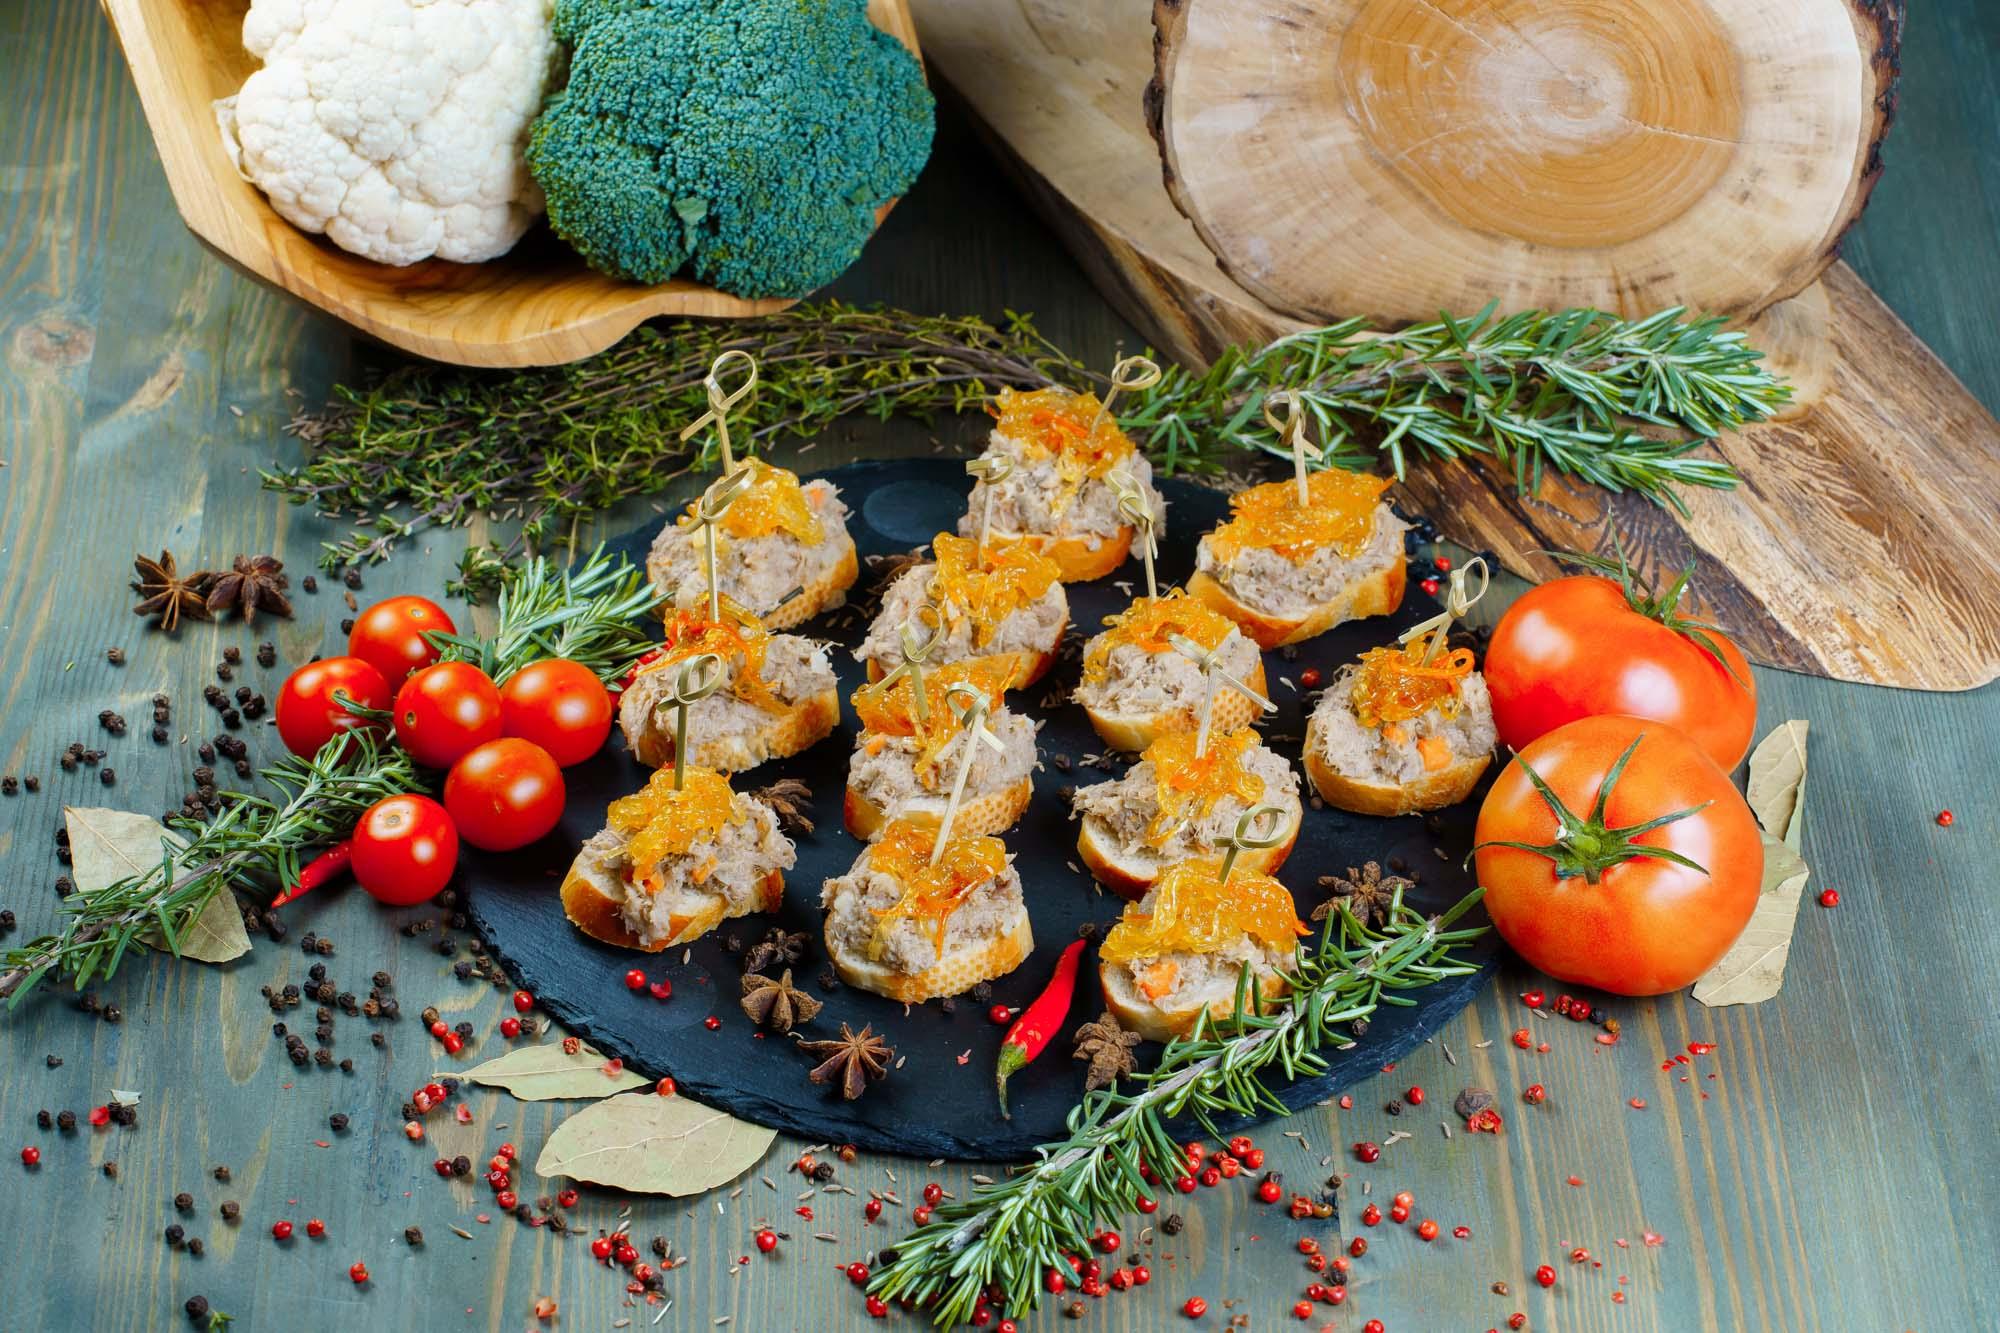 СЕТ №13 Рийет из утки с яблоком на кальвадосе, с мандариновым луком, на французском багете 12 шт по 35 гр